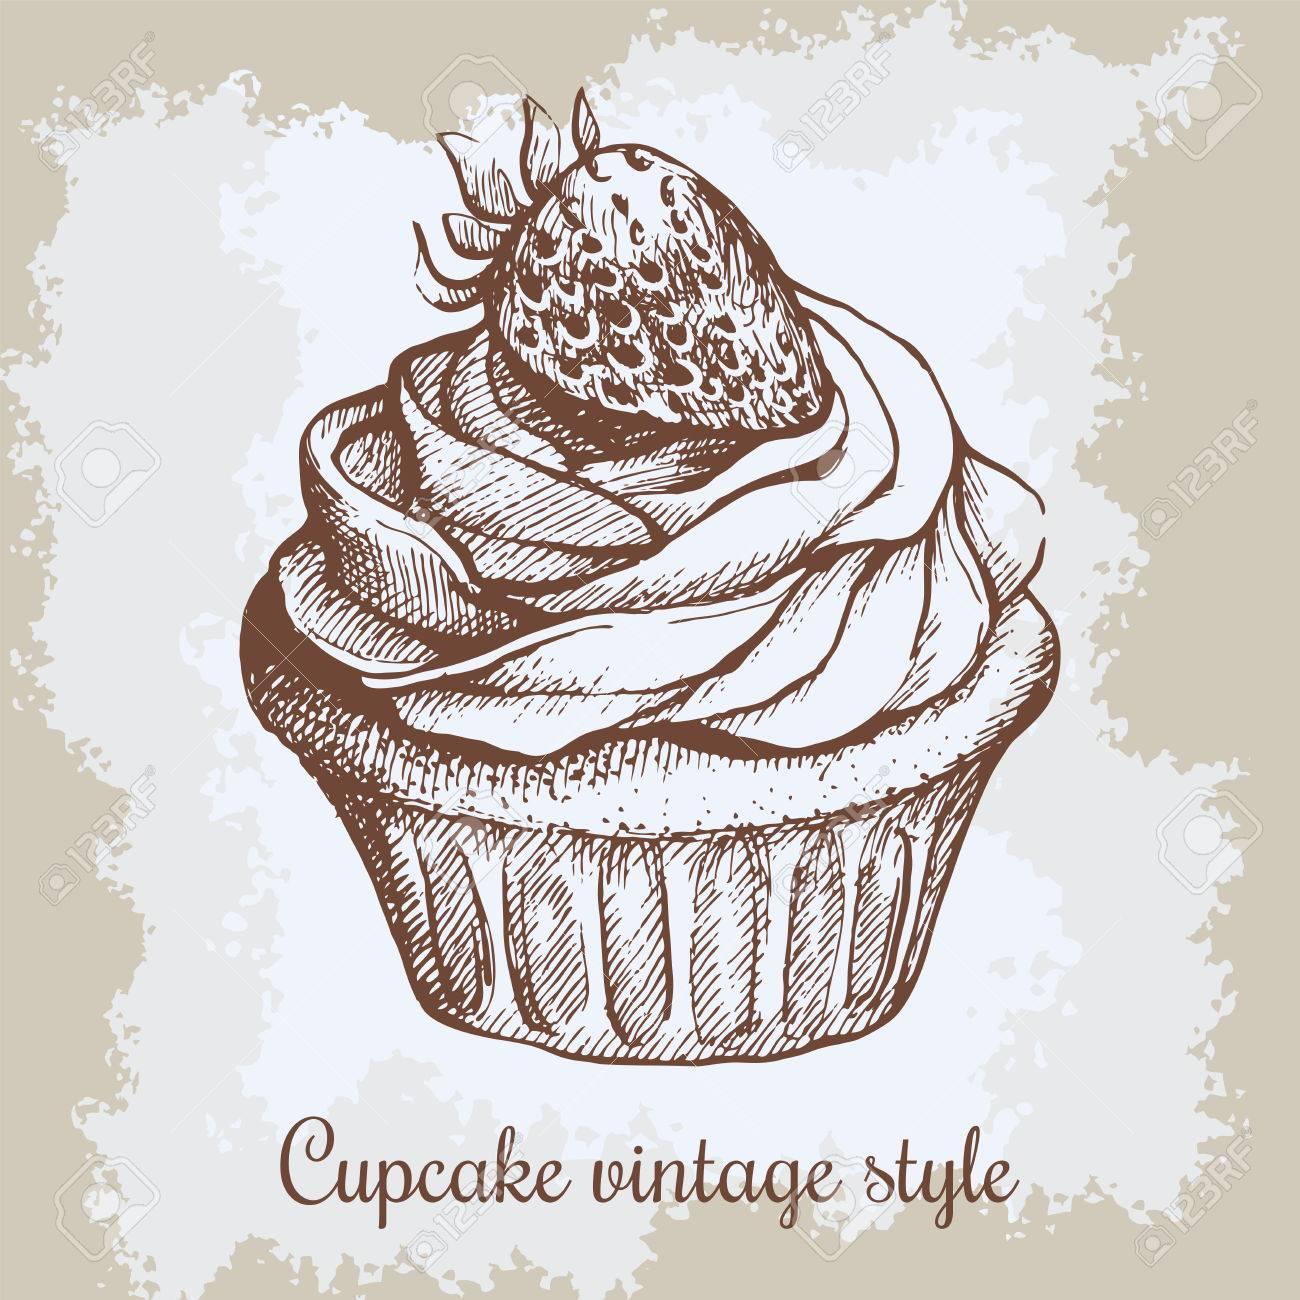 Fondo Vintage Dulce Cupcake Con Fresa. Puede Ser Utilizado Para ...